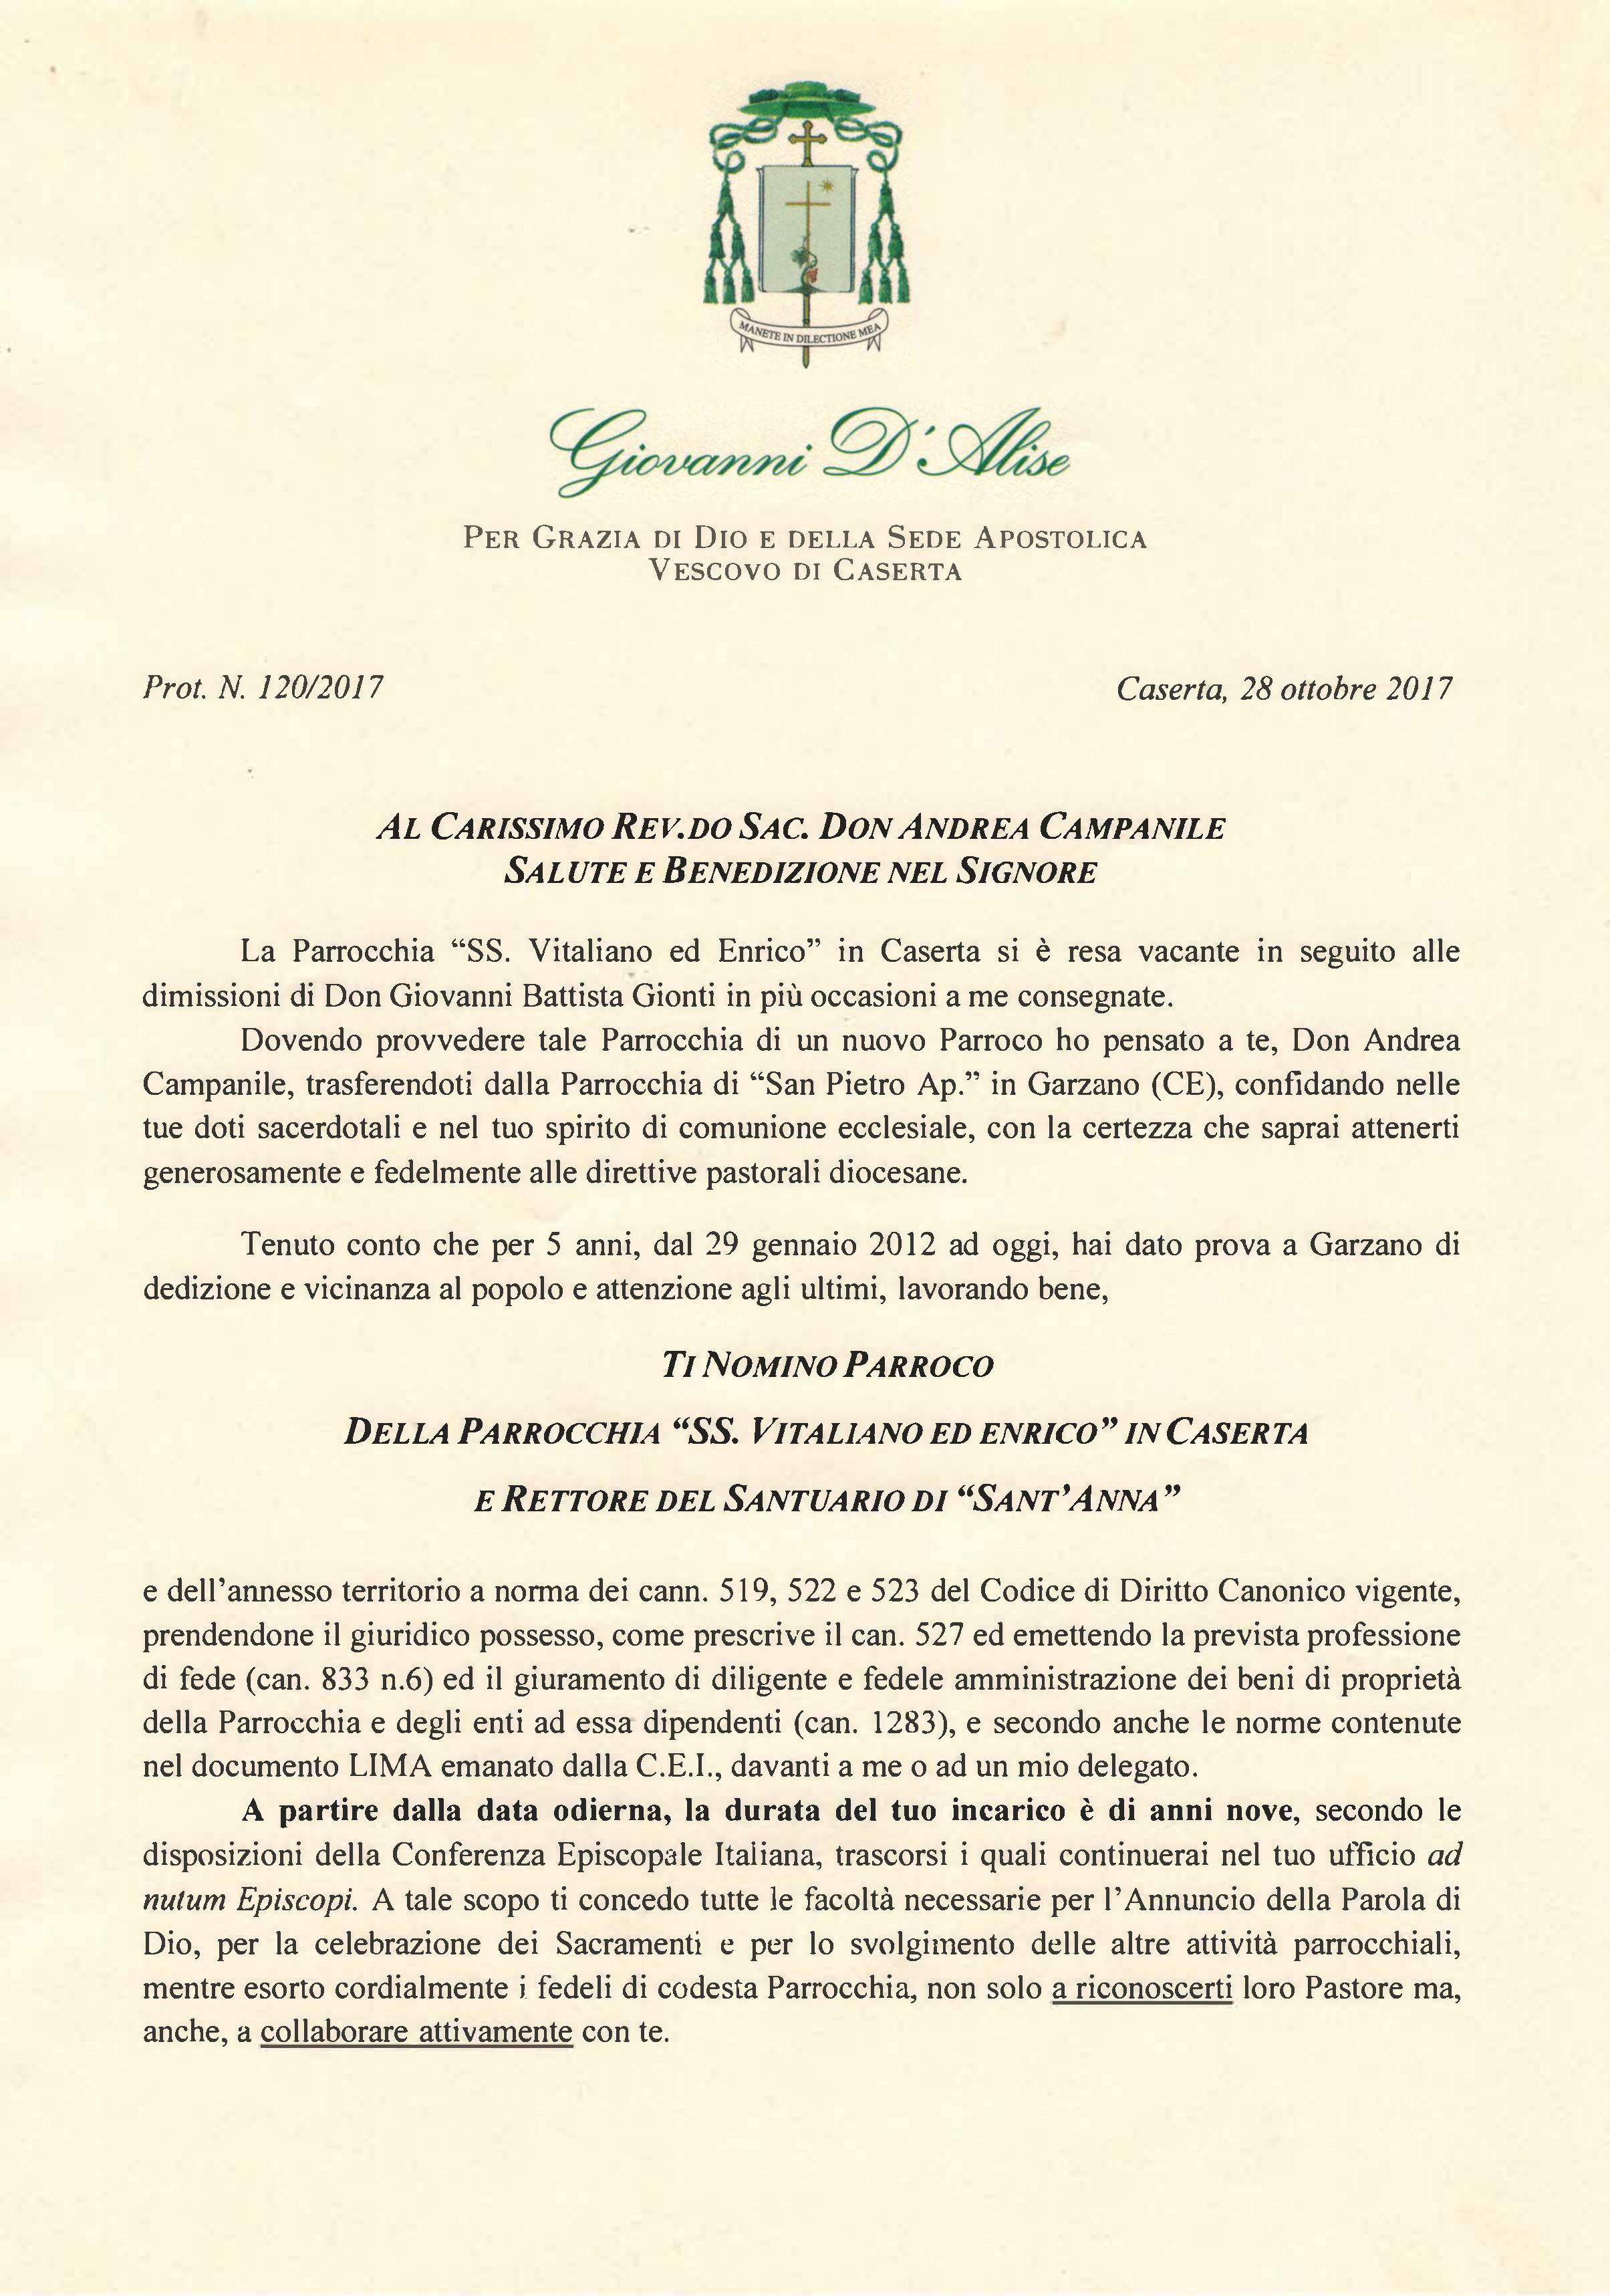 Decreto Nomina Vescovile - 20171028_Pagina_1